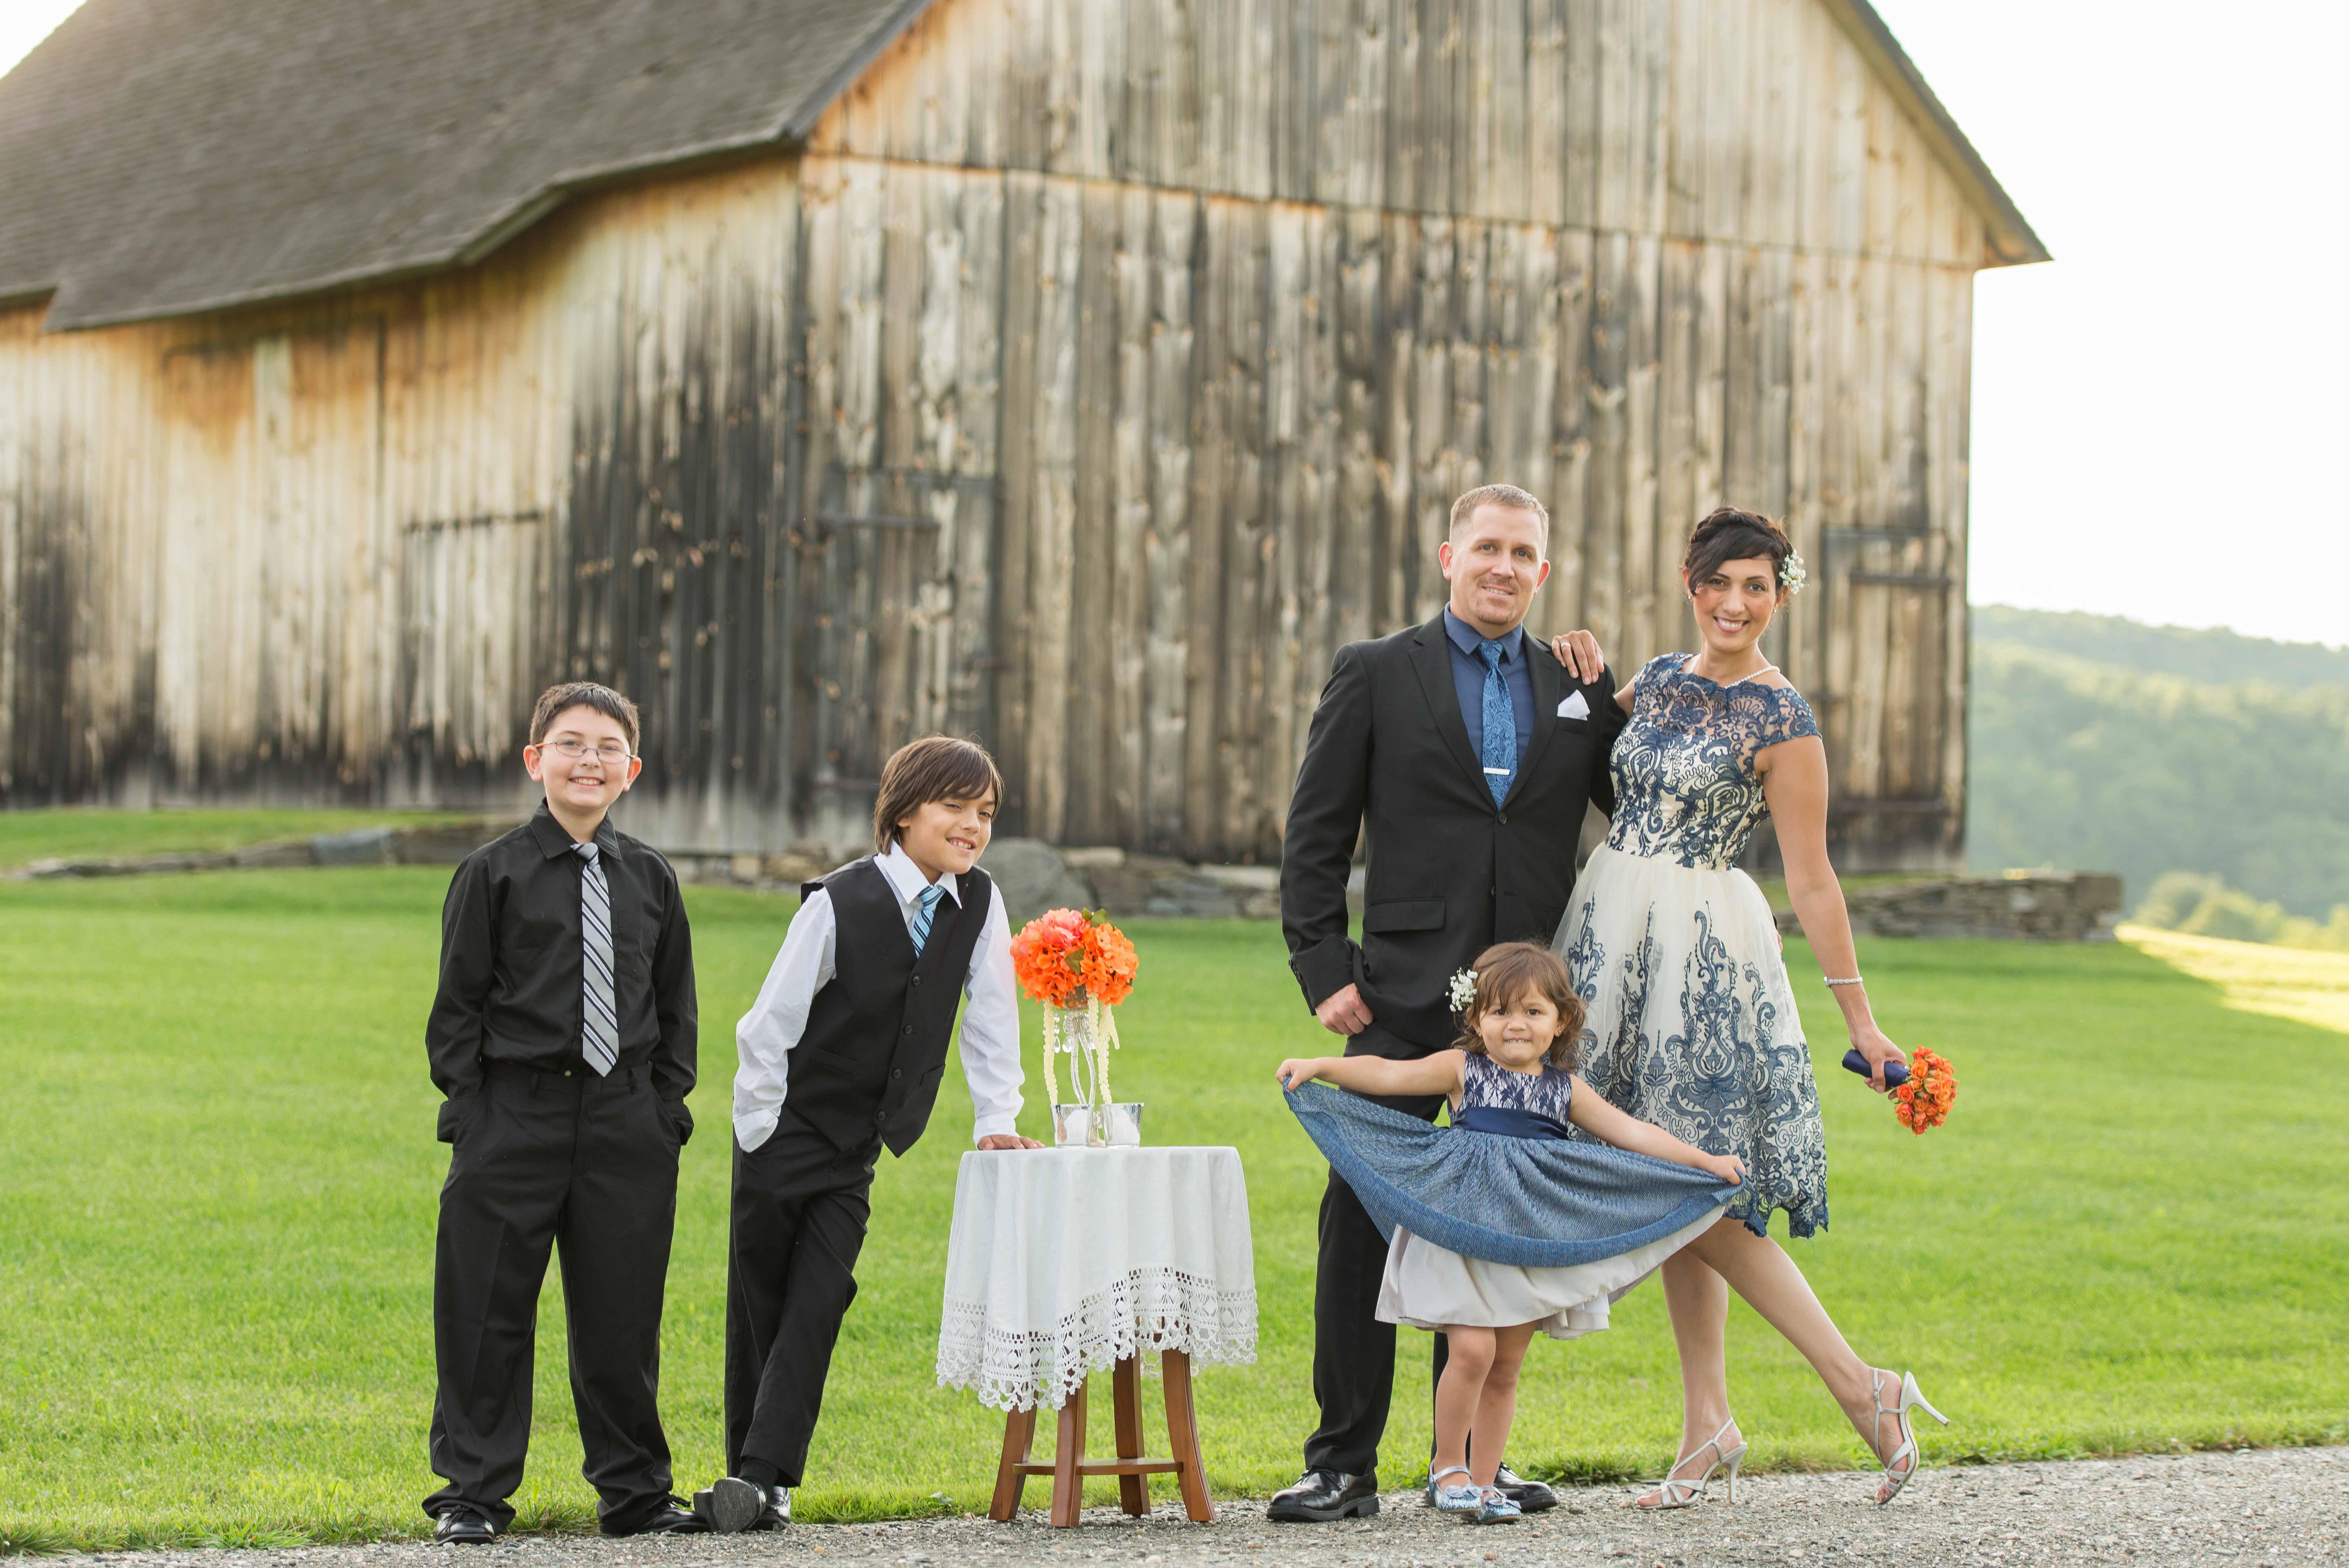 albany ny family photographer